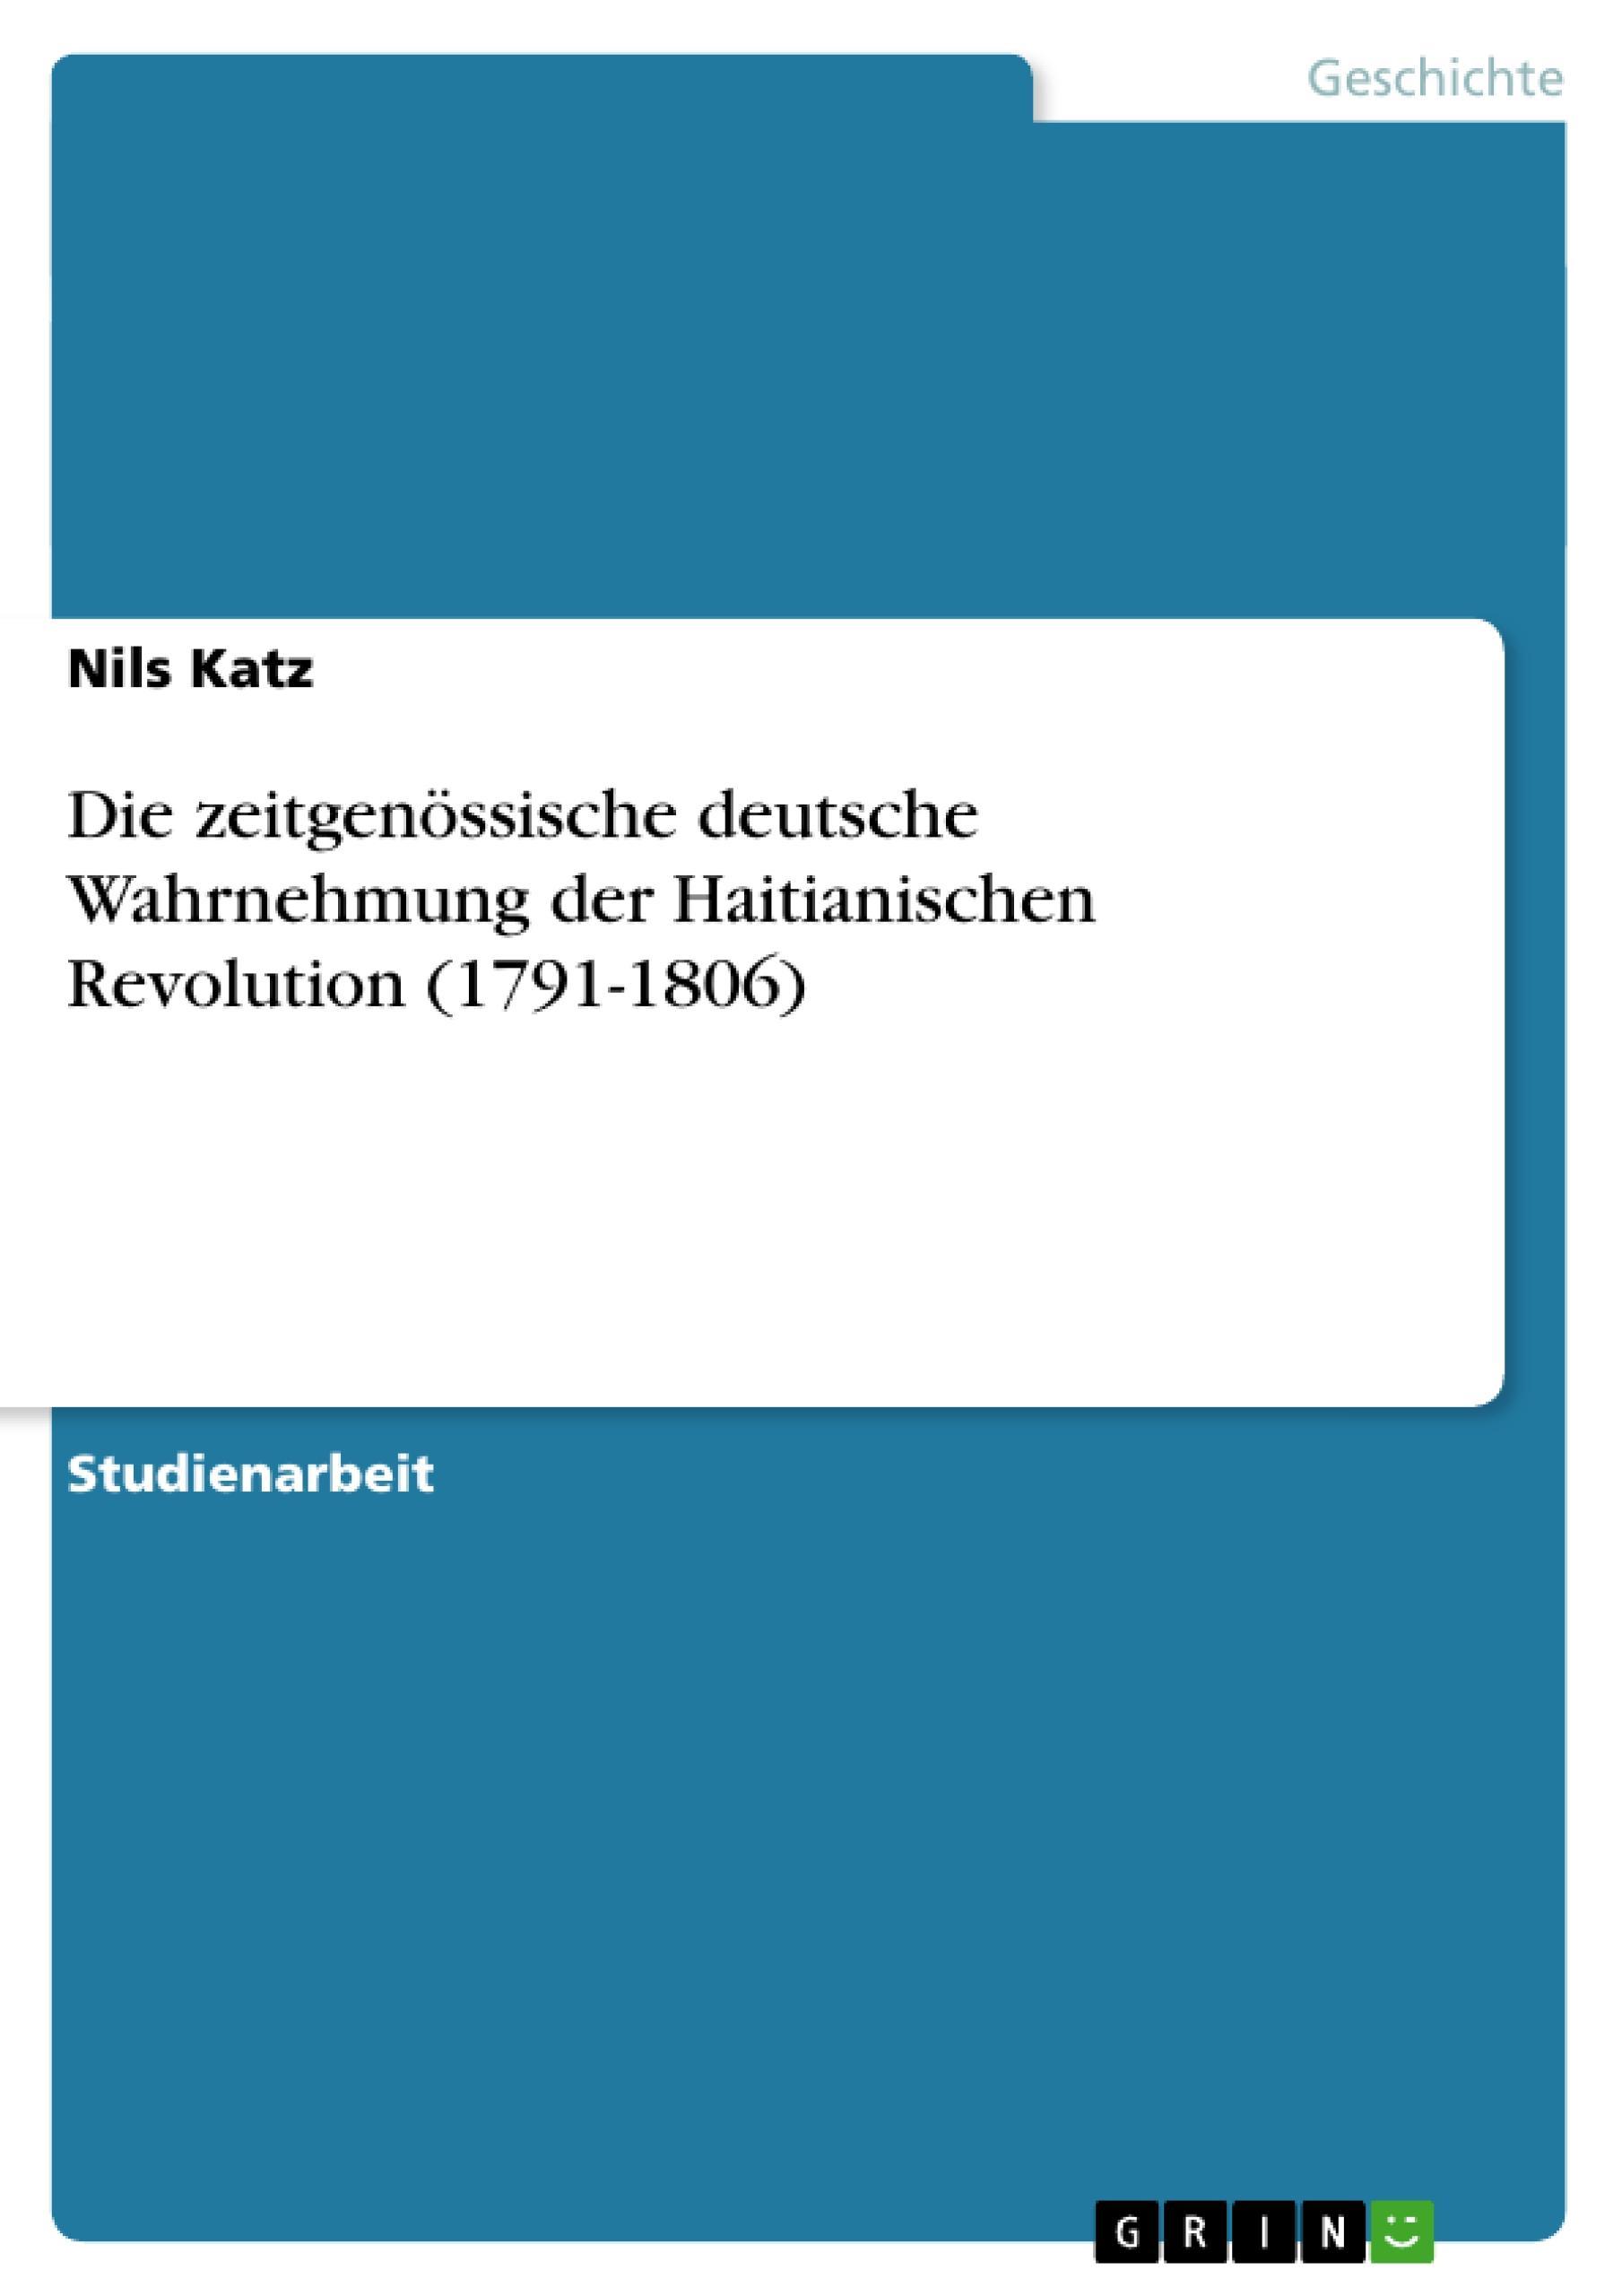 Die zeitgenössische deutsche Wahrnehmung der Haitianischen Revolution (1791-1806)  Nils Katz  Taschenbuch  Deutsch  2010 - Katz, Nils